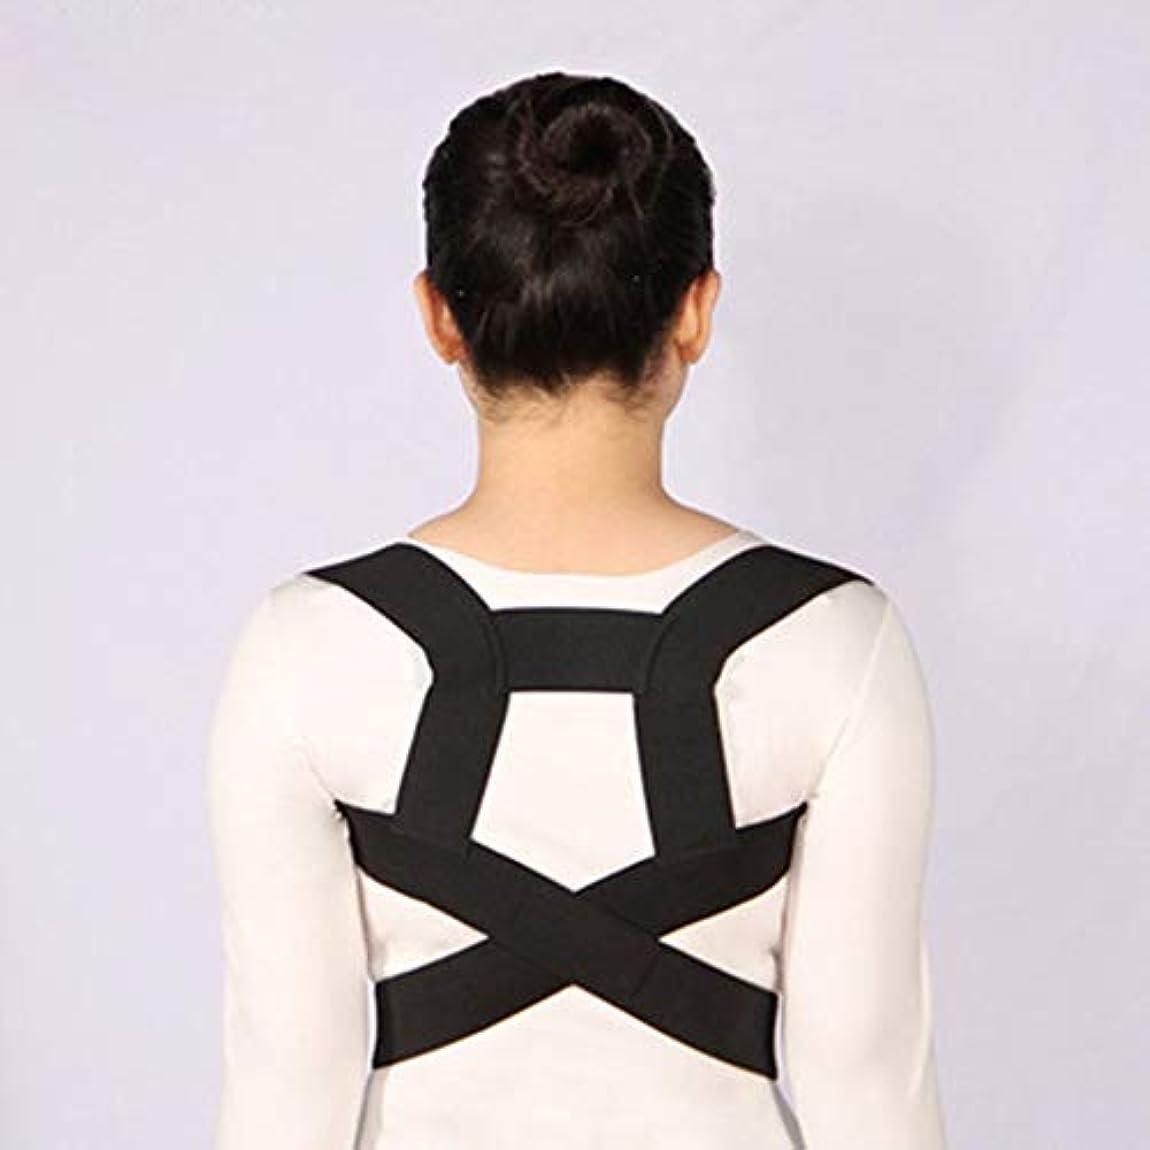 ラボ帆休憩姿勢矯正側弯症ザトウクジラ補正ベルト調節可能な快適さ目に見えないベルト男性女性大人シンプル - 黒